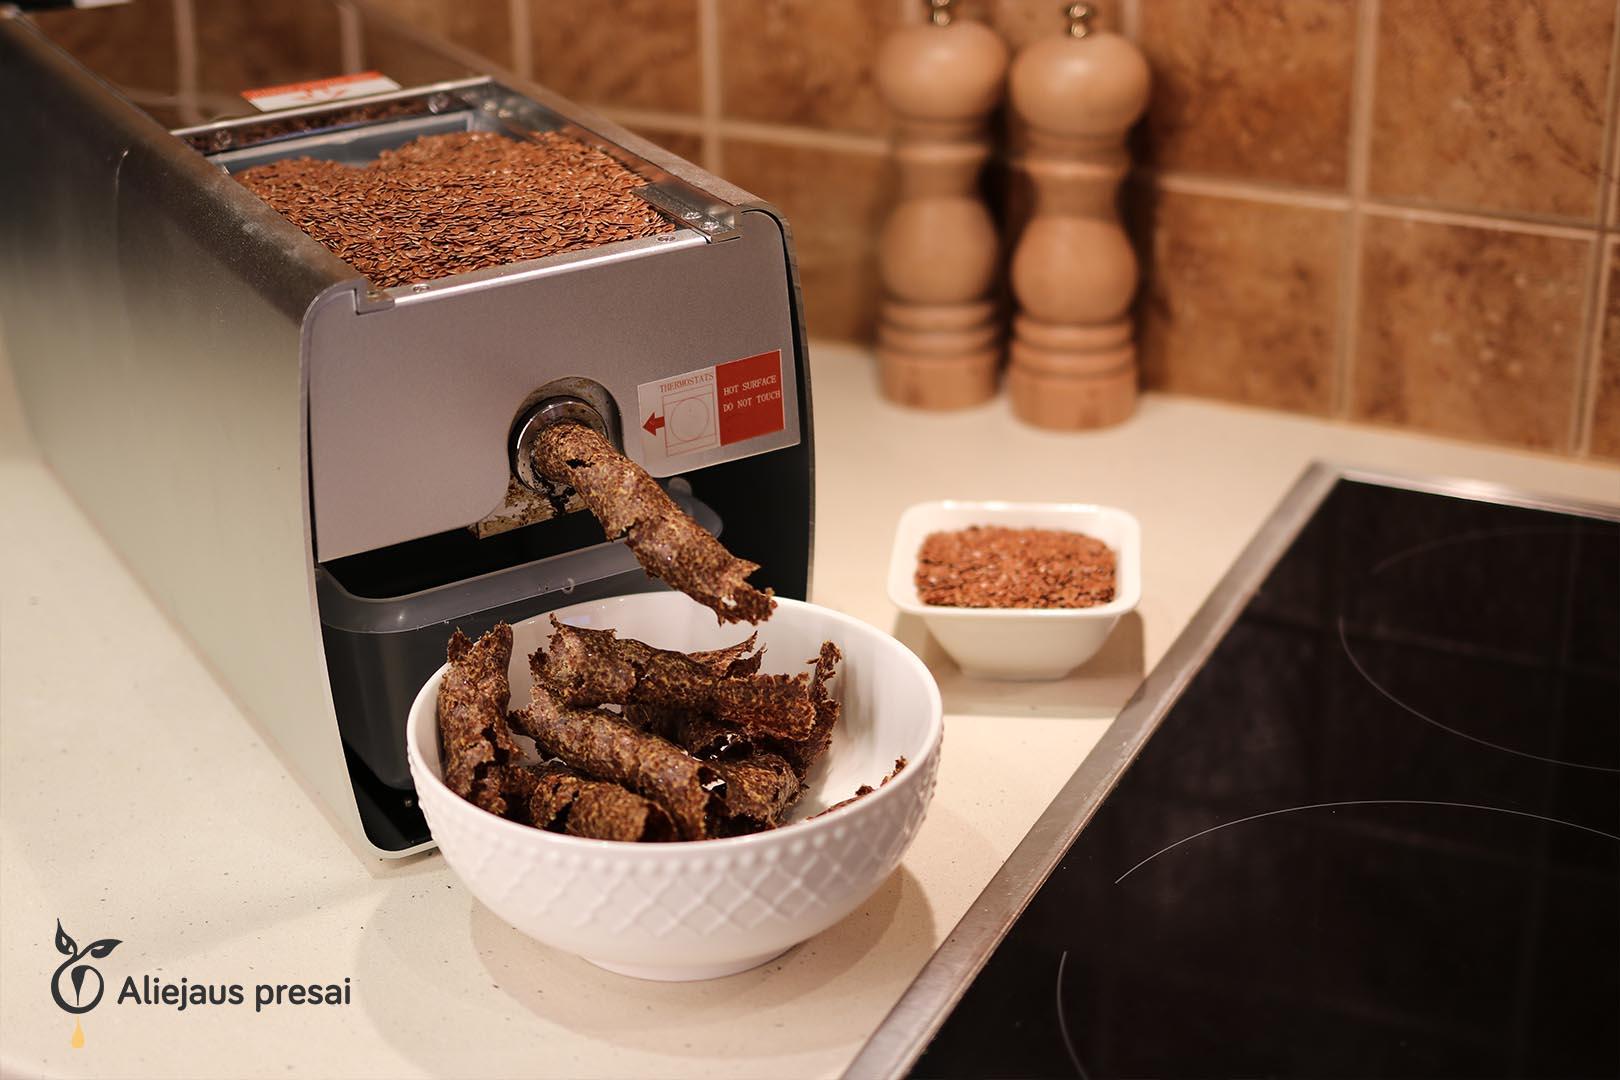 Linų sėmenų sėklų aliejaus spaudimas namų sąlygomis